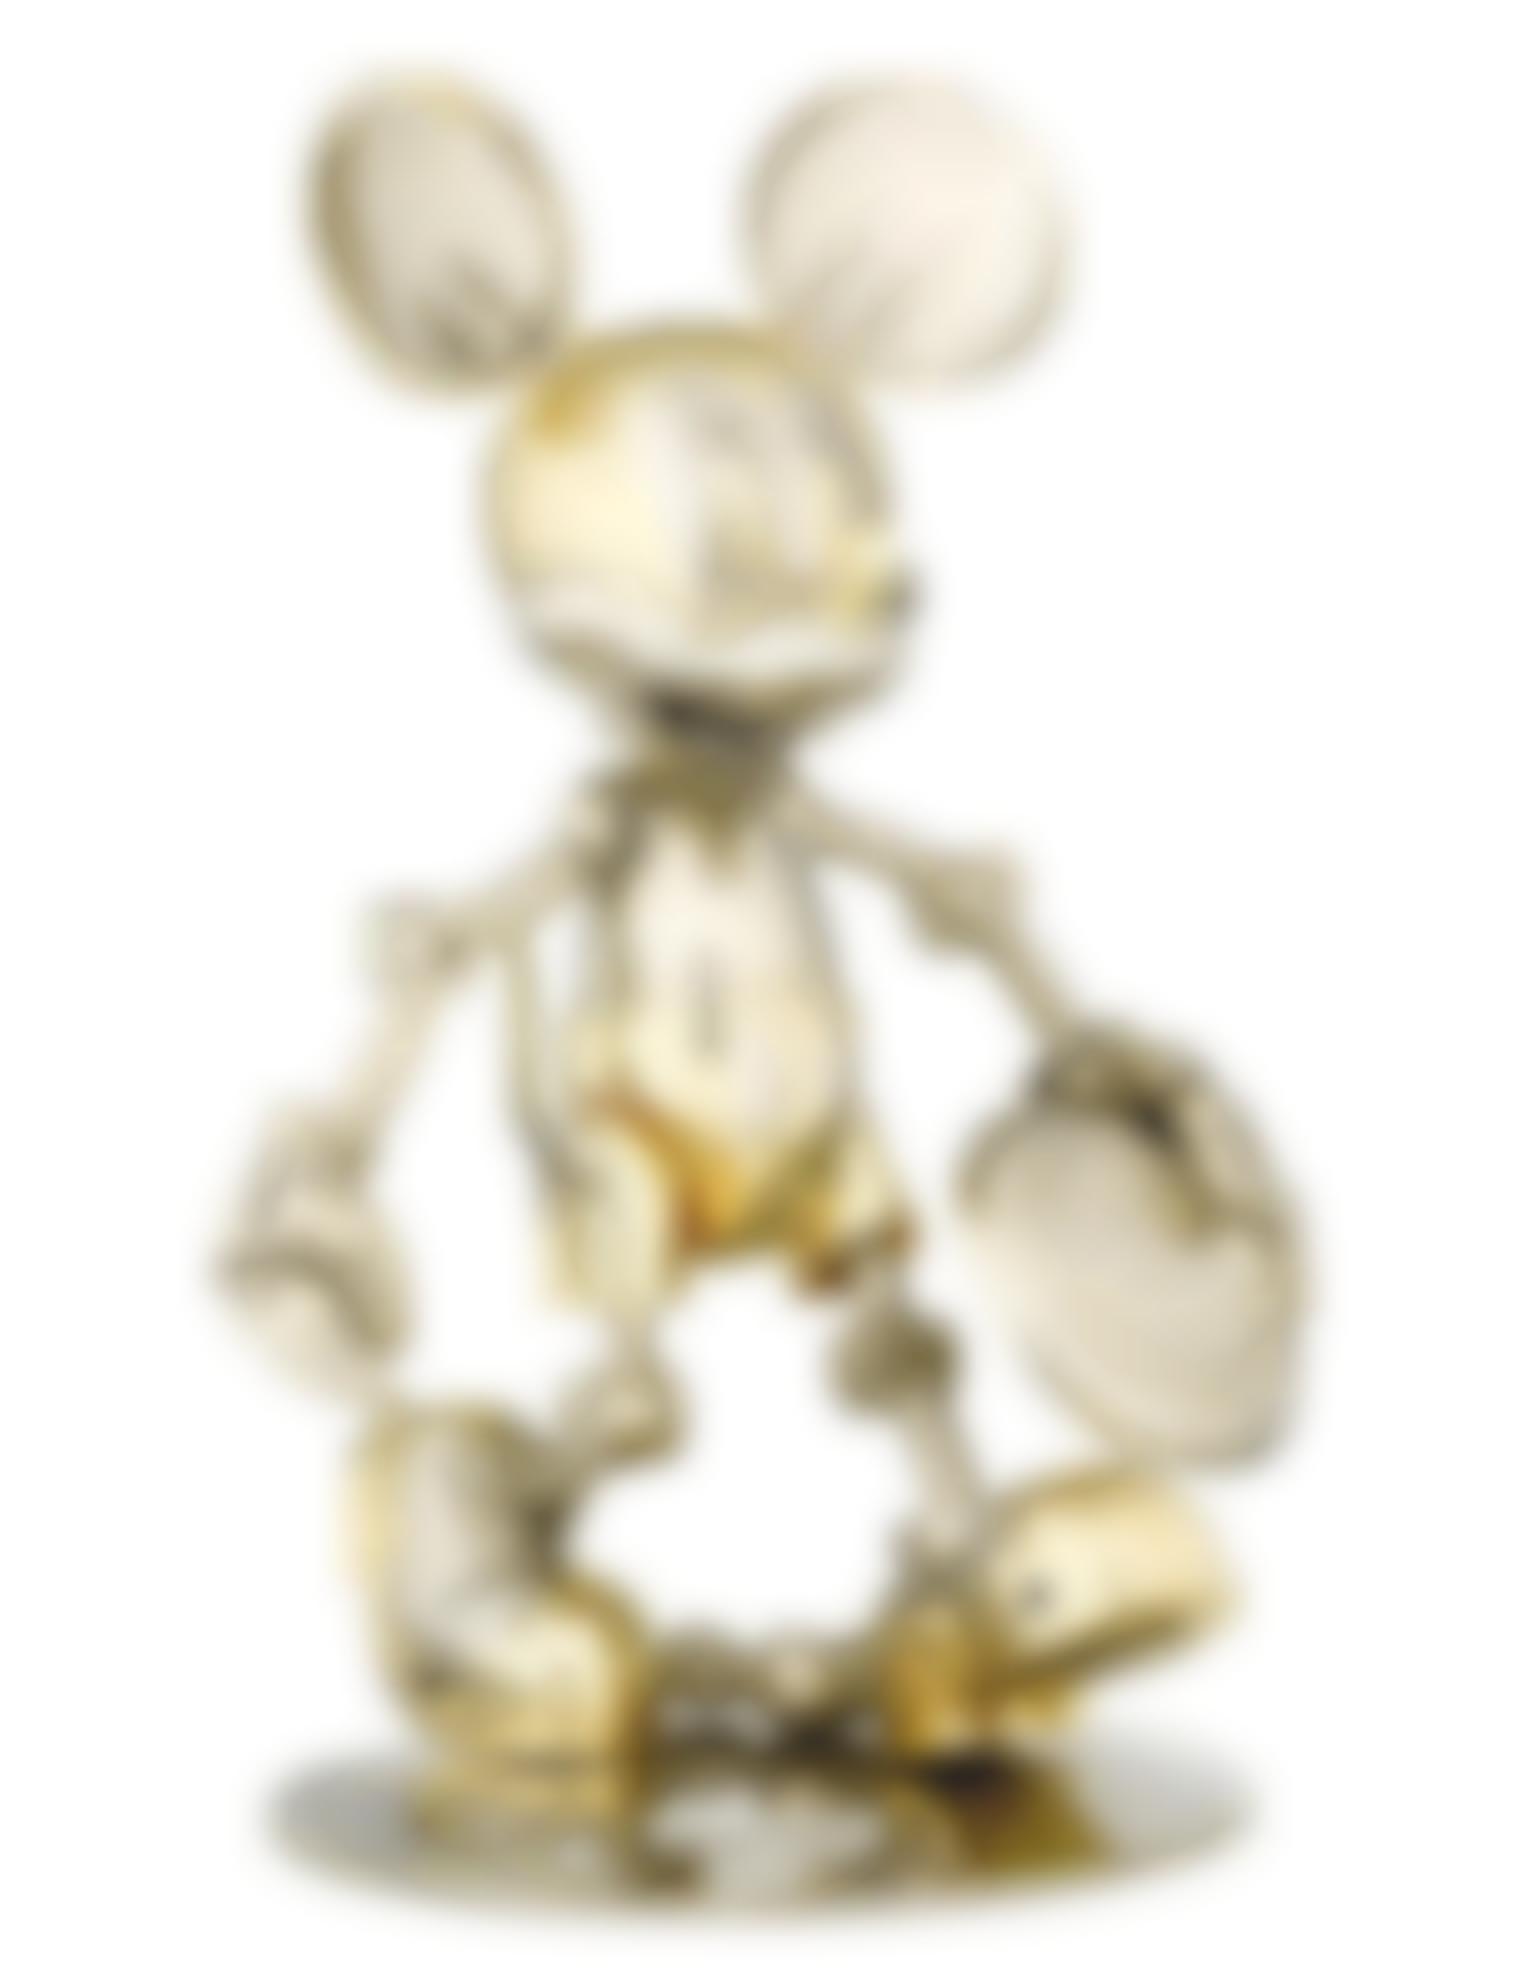 Sorayama Hajime - Dhyp. Future Mickey (Gold)-2004